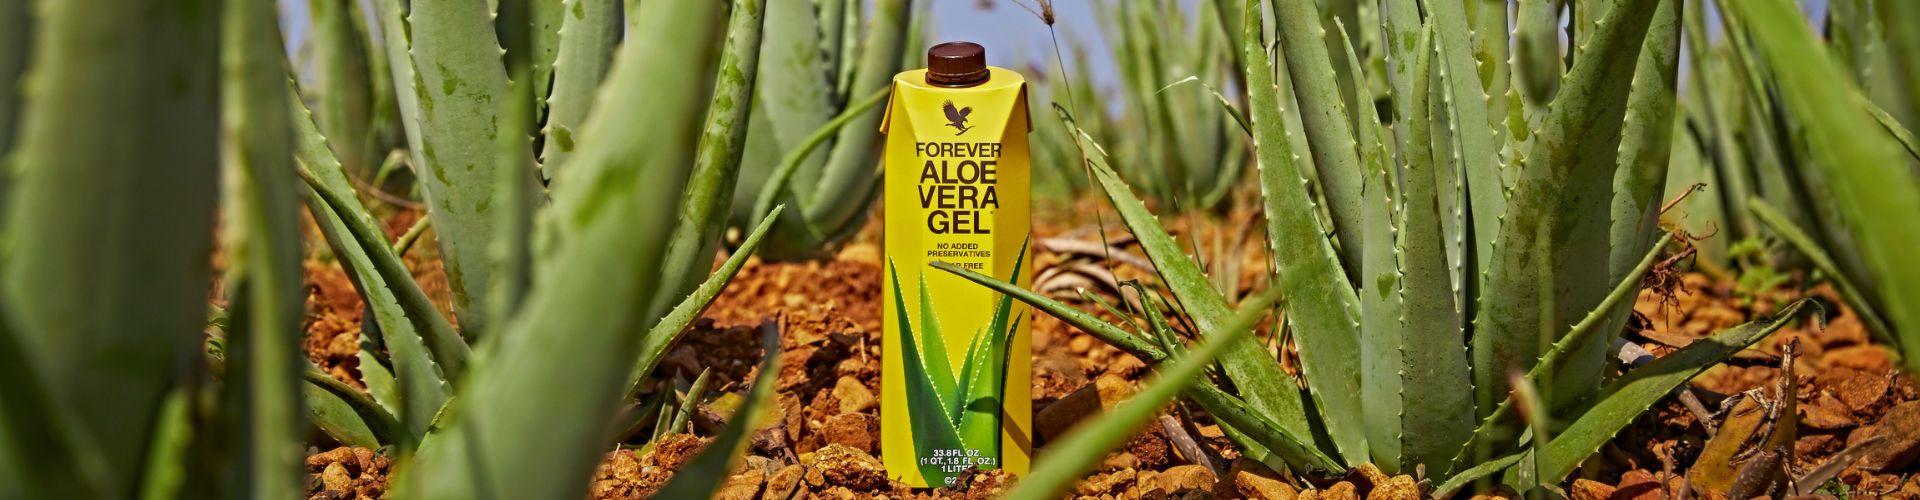 Aloe Vera Lime Juice, Aloe Vera Gel 15